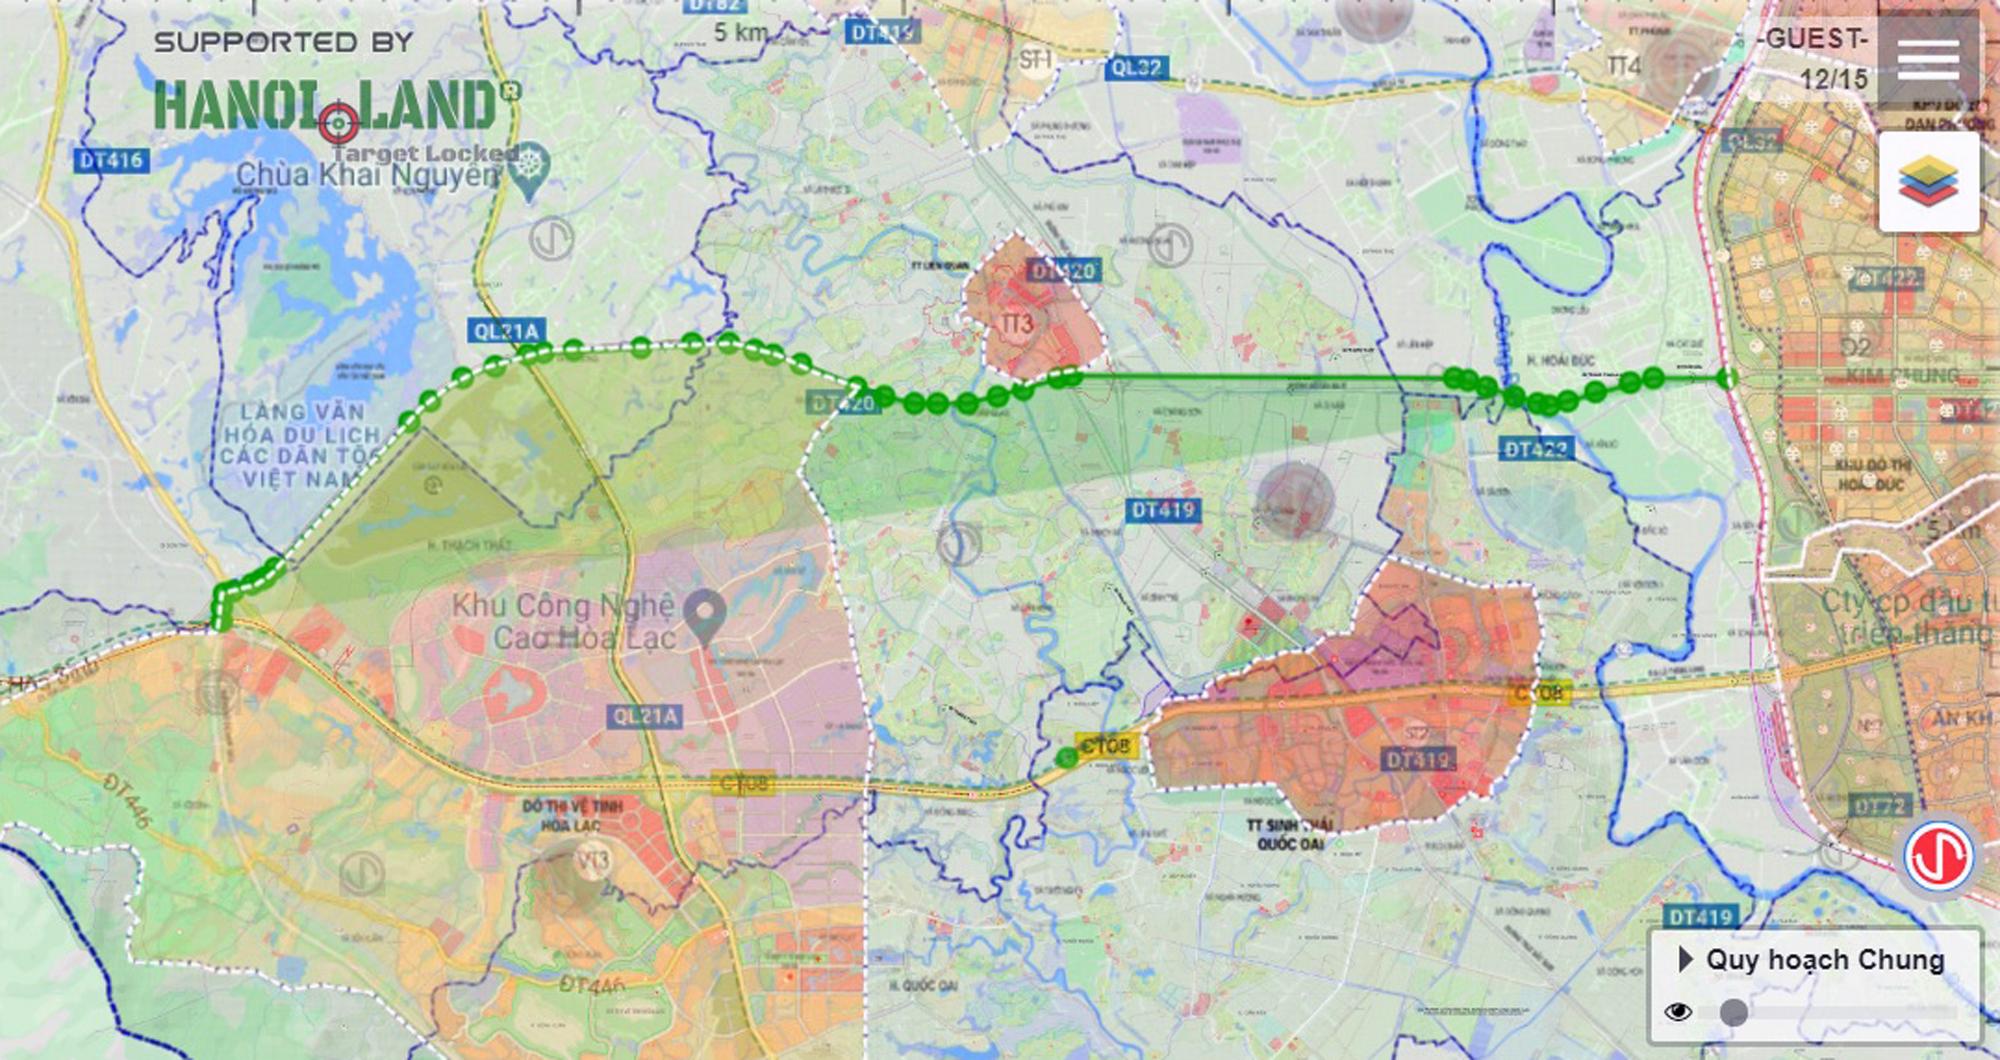 Bản đồ quy hoạch Phân khu S2 Hà Nội, các huyện Hoài Đức, Đan Phượng và quận Bắc Từ Liêm, Nam Từ Liêm - Ảnh 2.